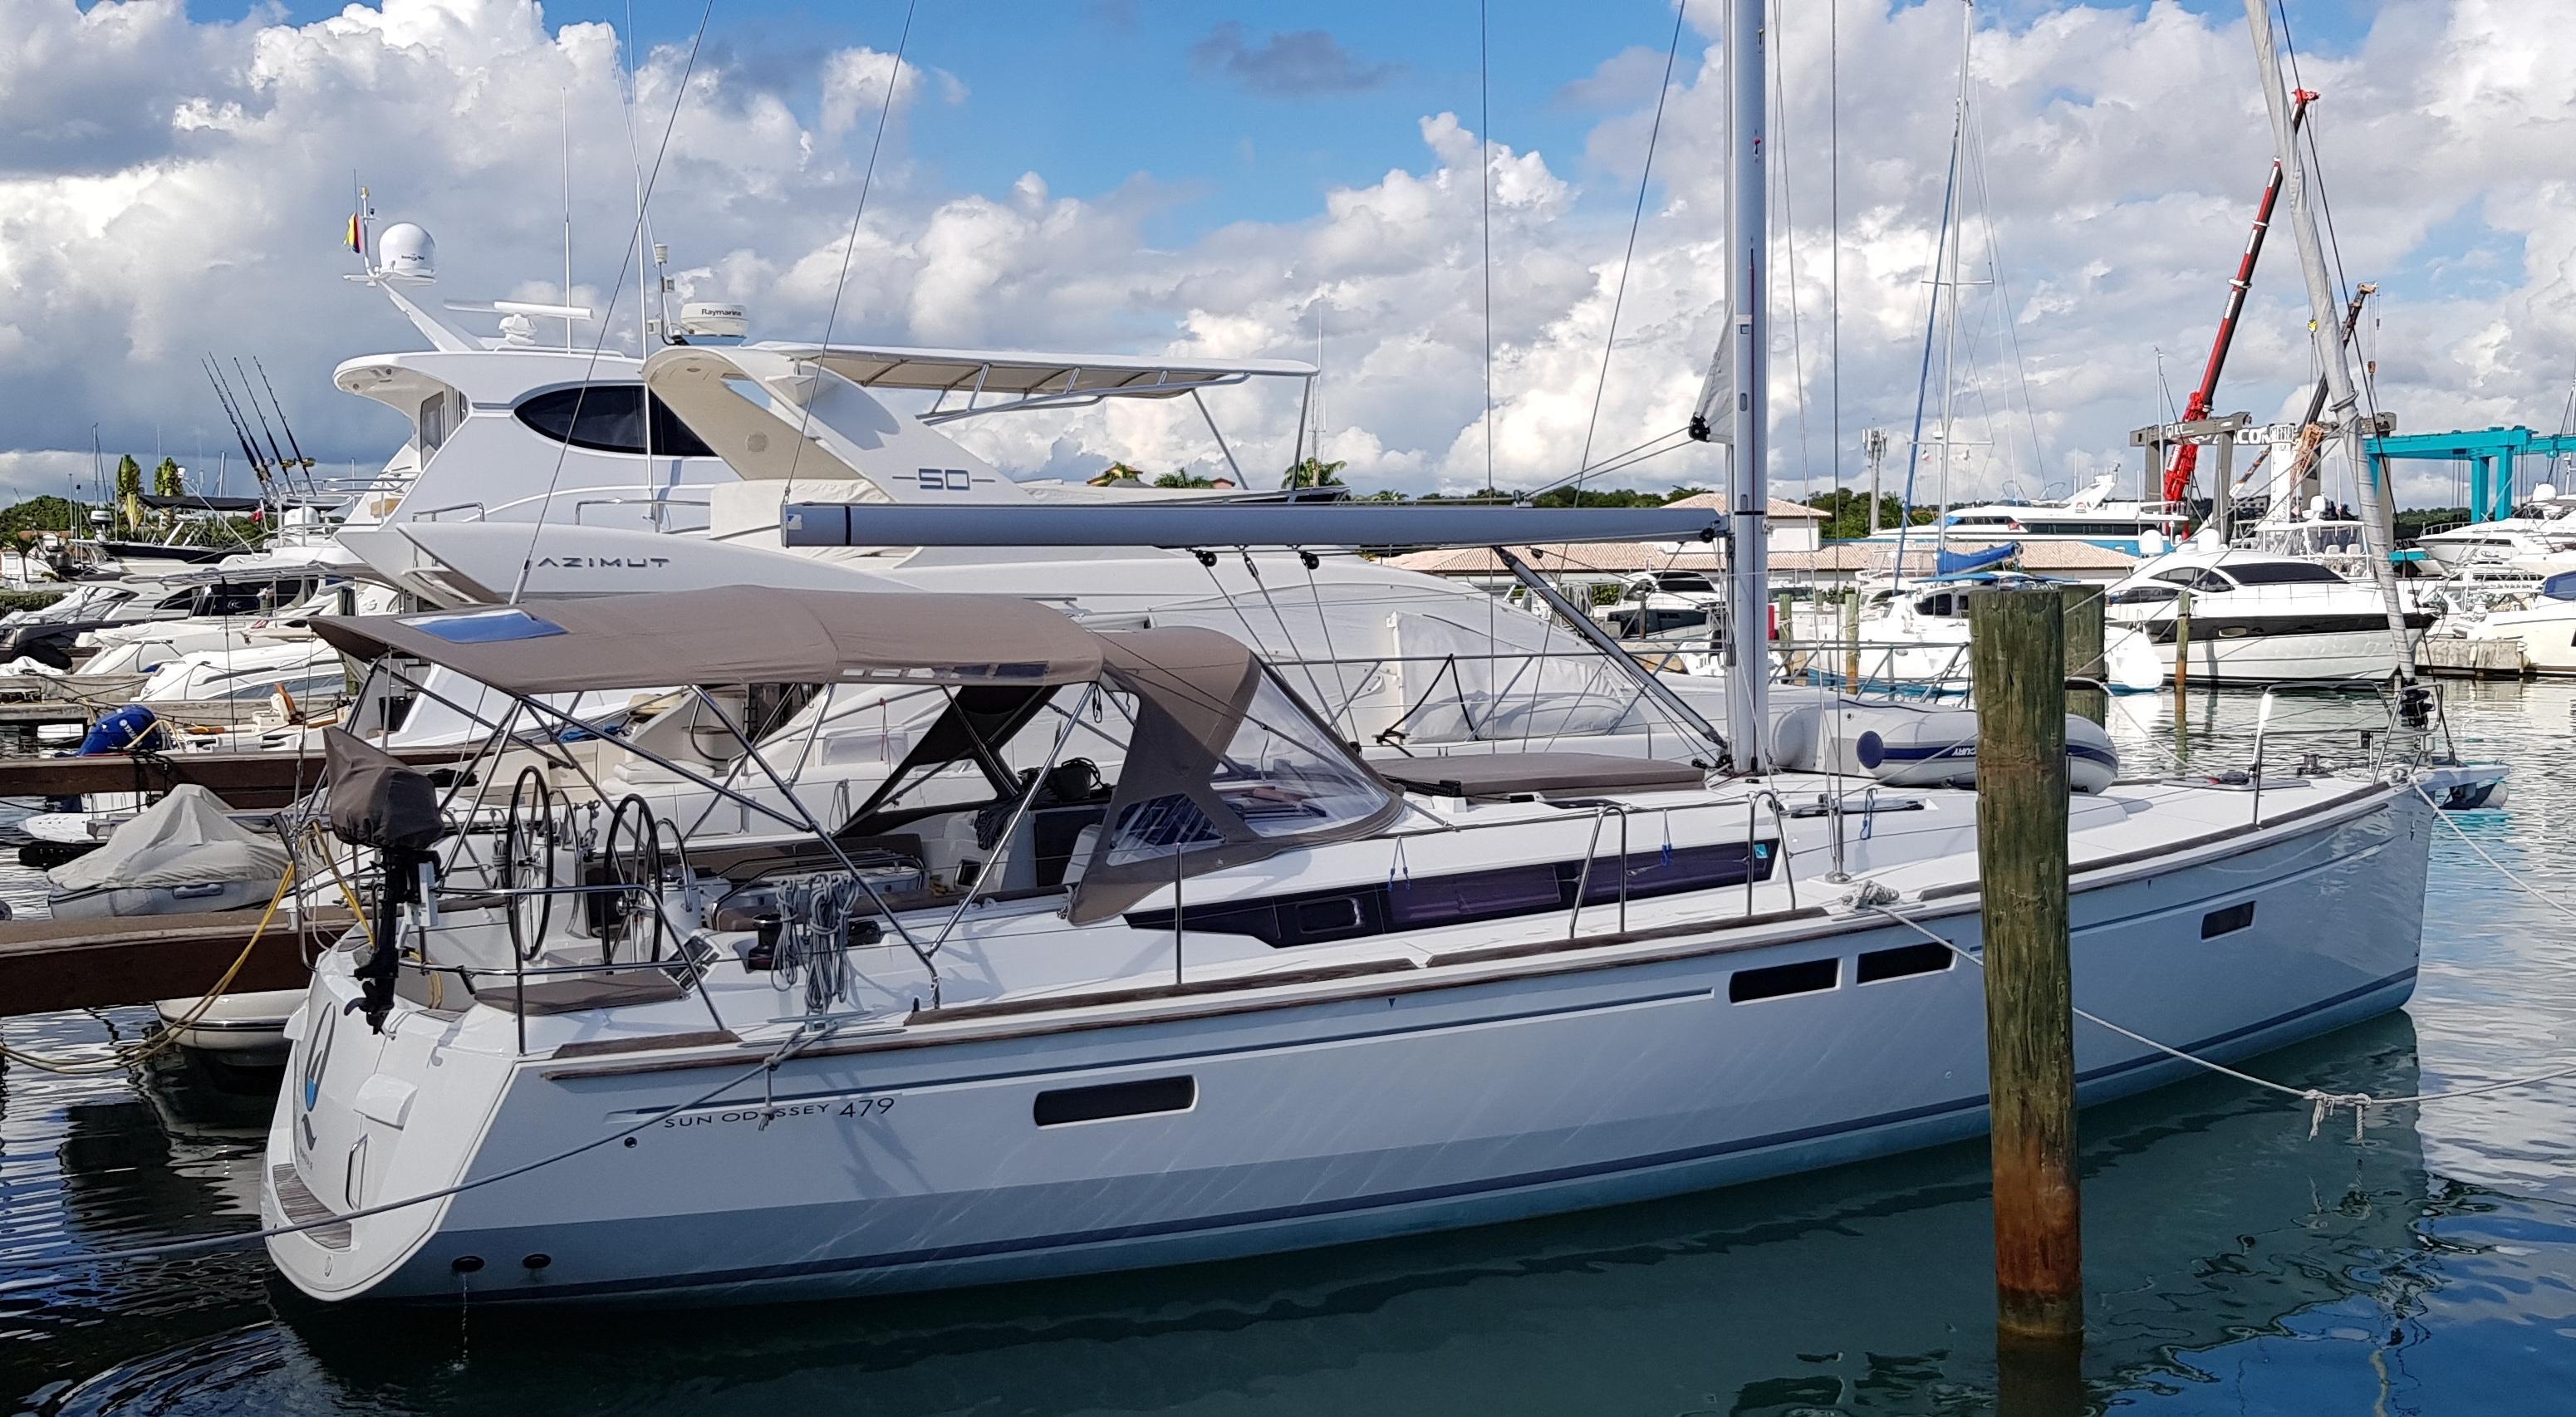 47 Jeanneau 2017 La Romana   Denison Yacht Sales